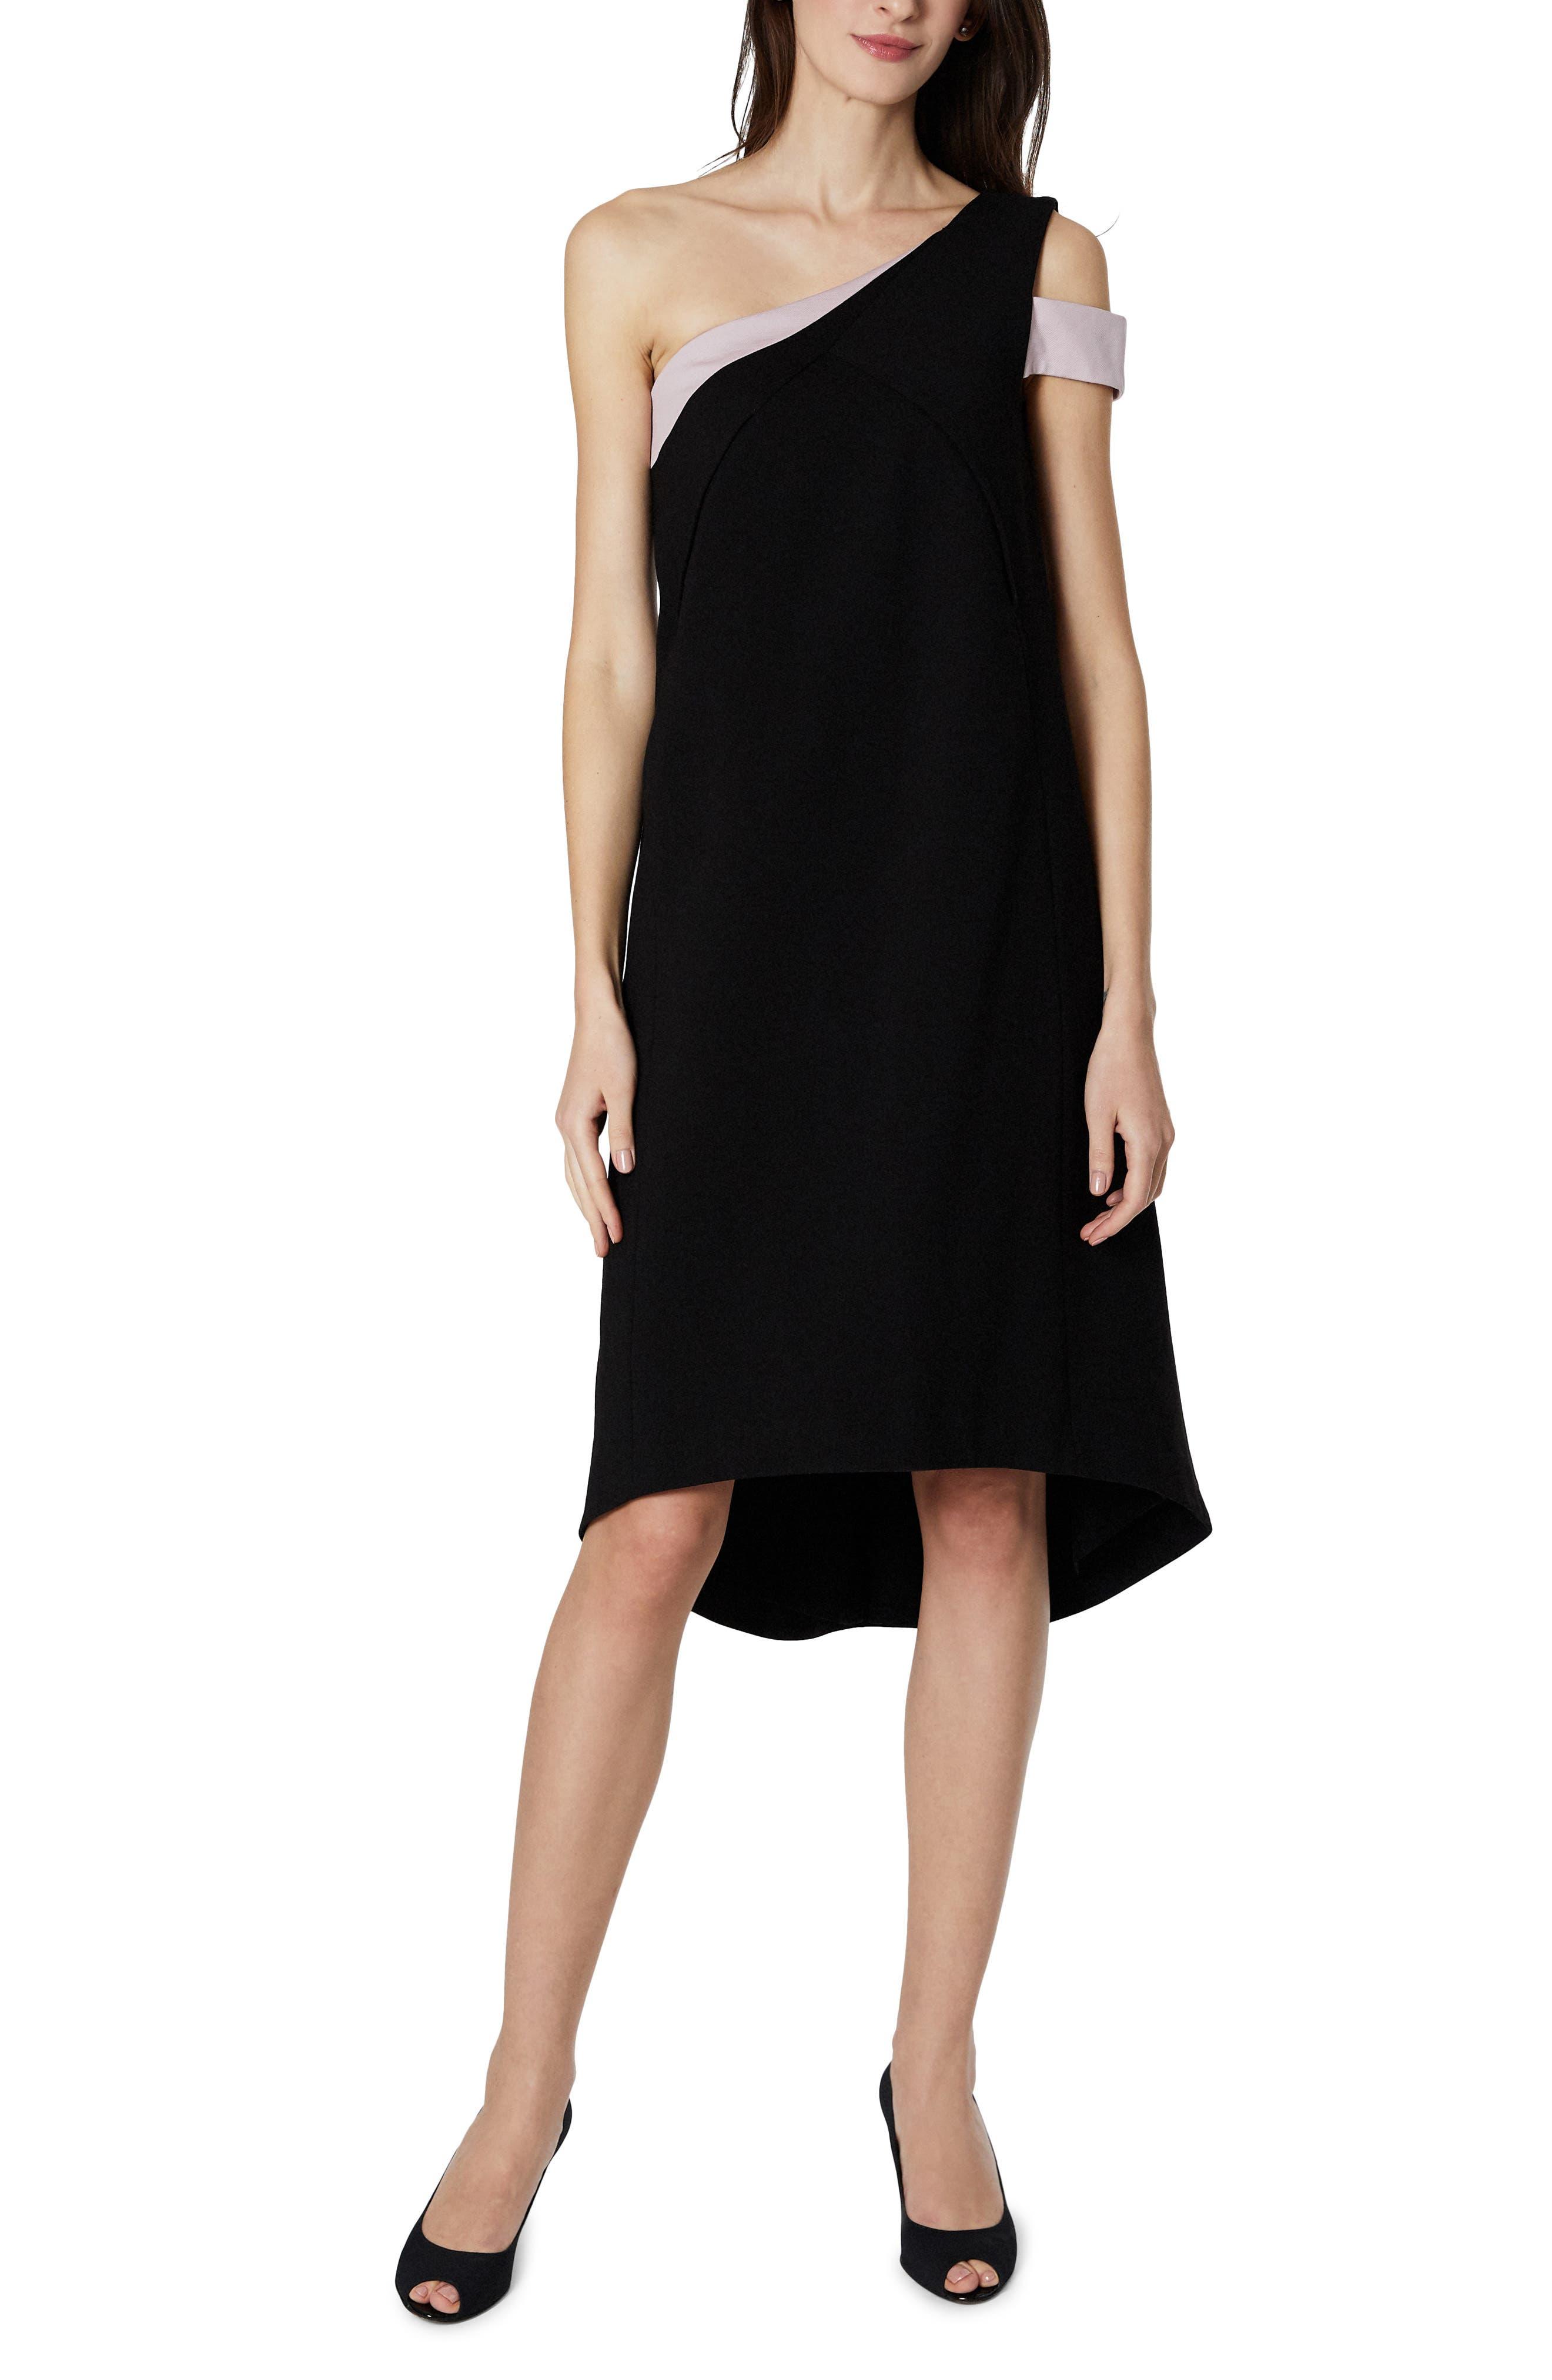 Karolina One-Shoulder Maternity/nursing Dress